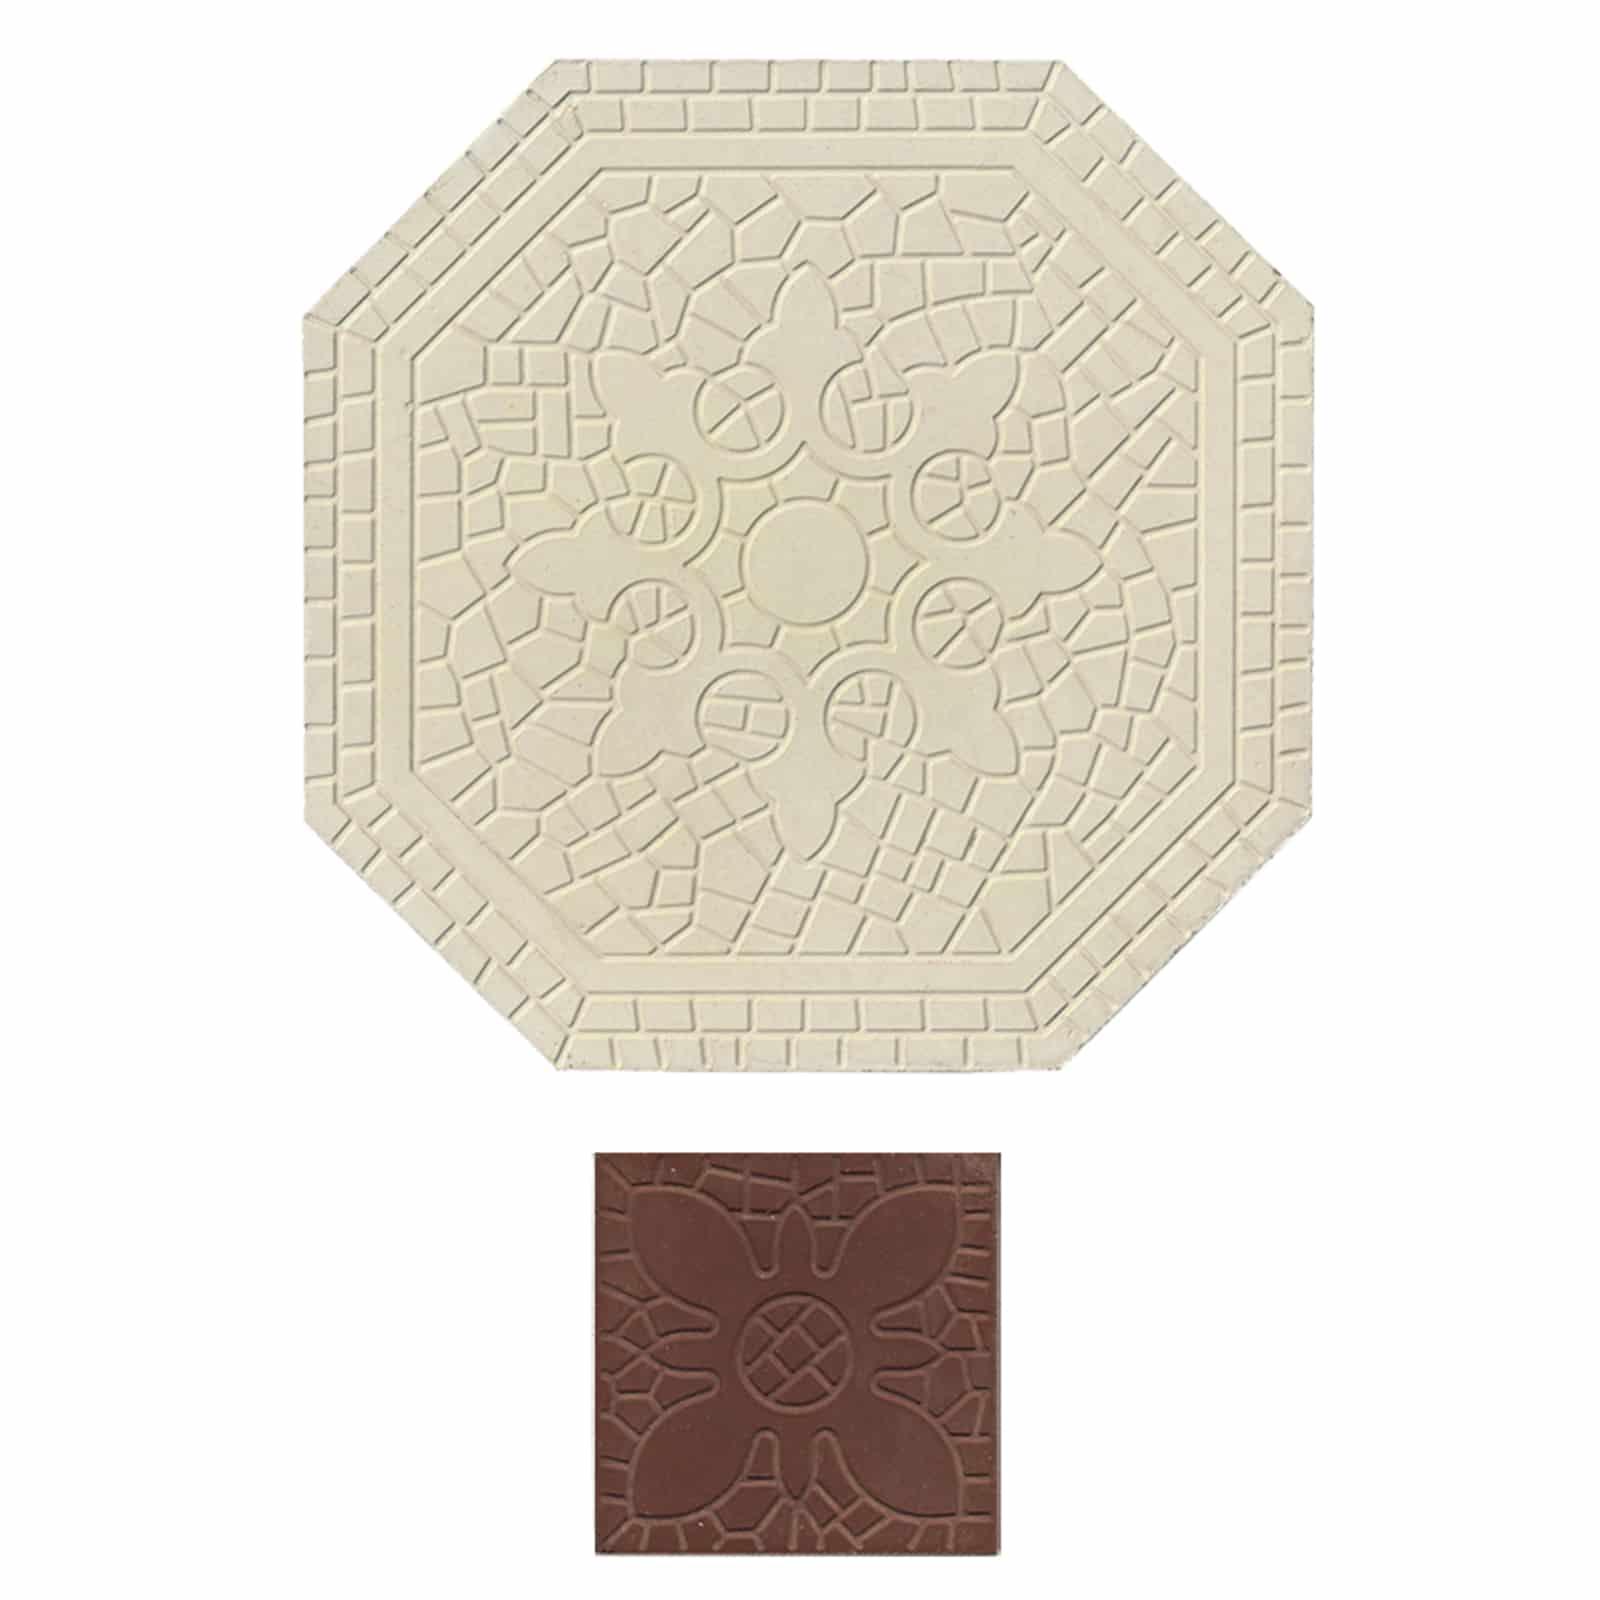 zementfliesen-achteck-nummer-51041-viaplatten | 51041/170